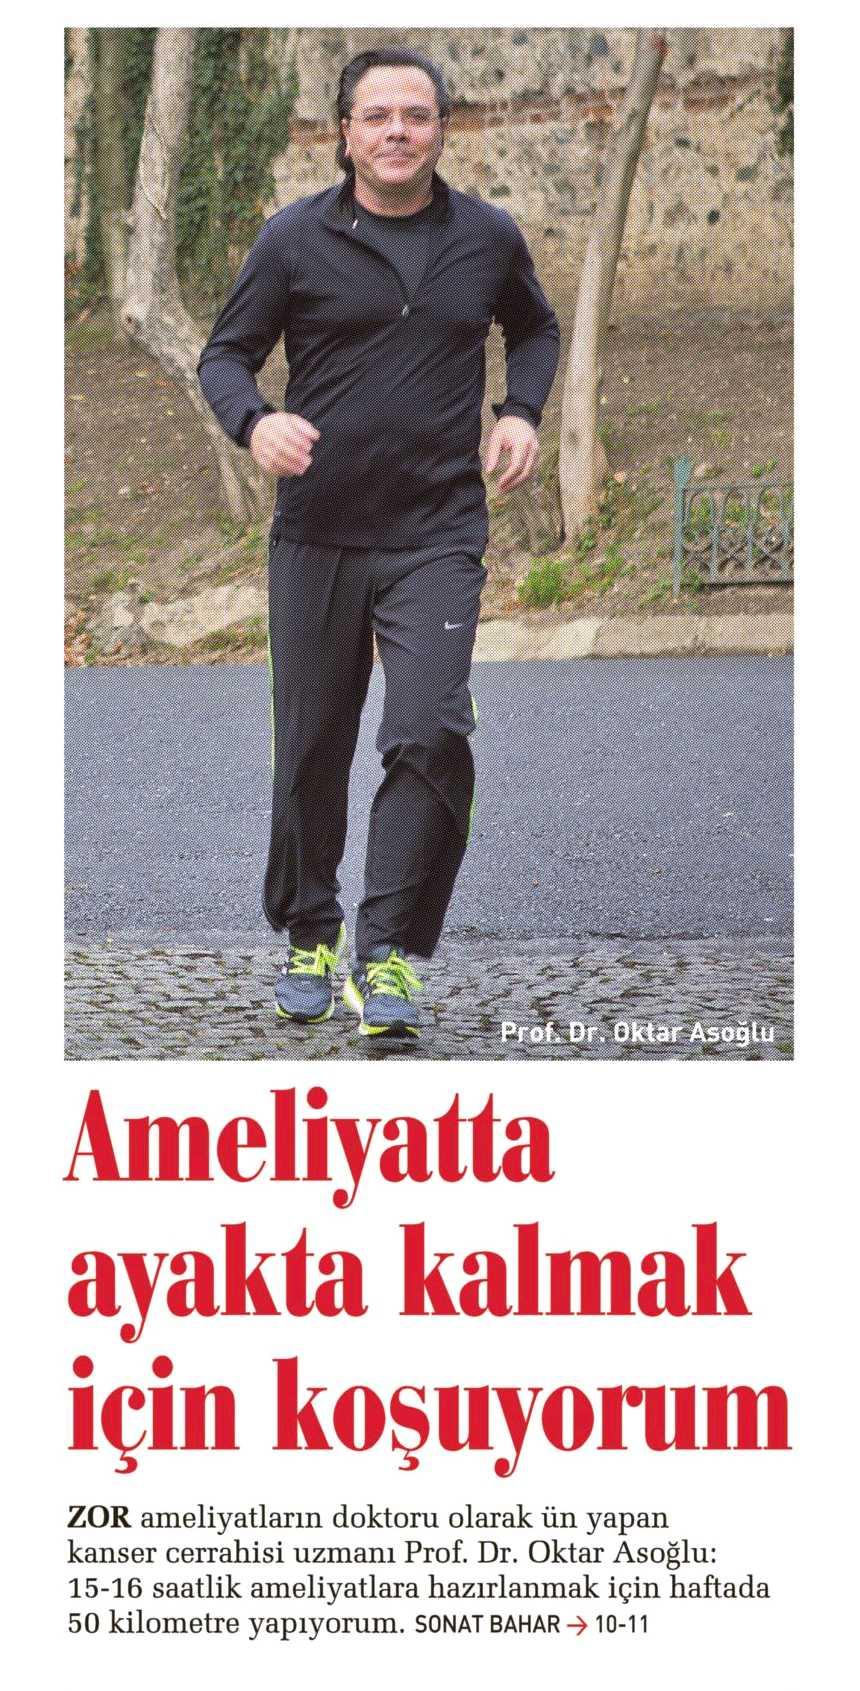 Sabah Gazetesi Röportajı